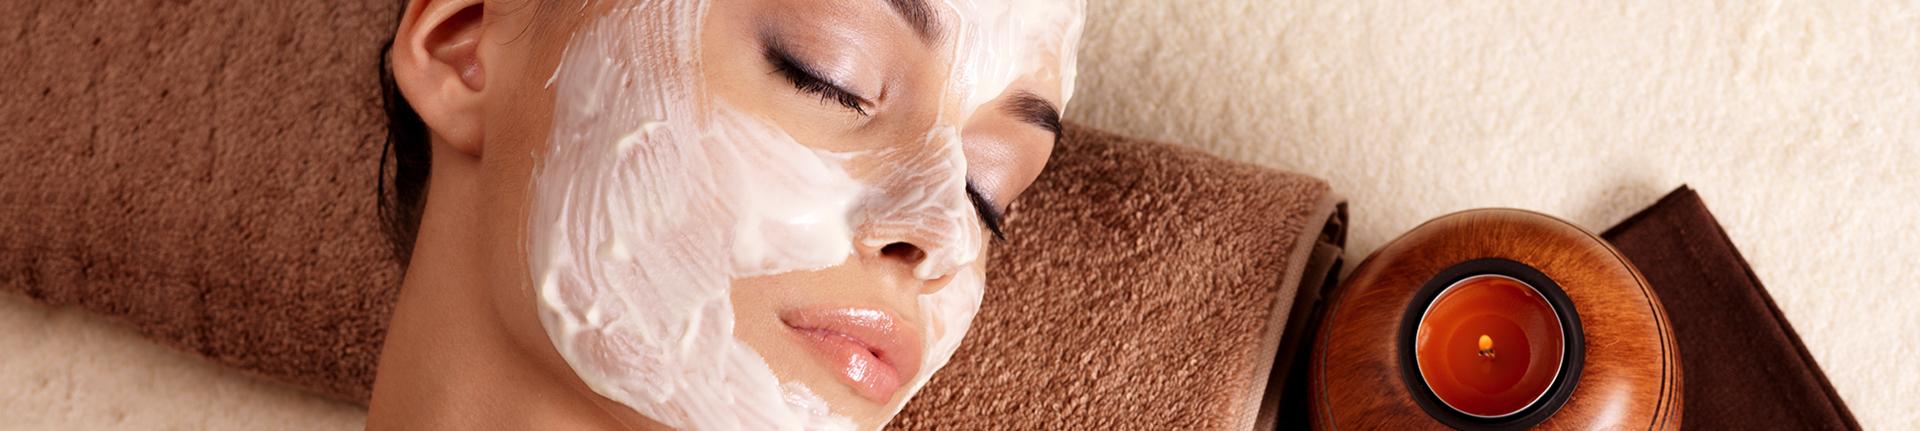 Detox de beleza: Repensando o uso da maquiagem!